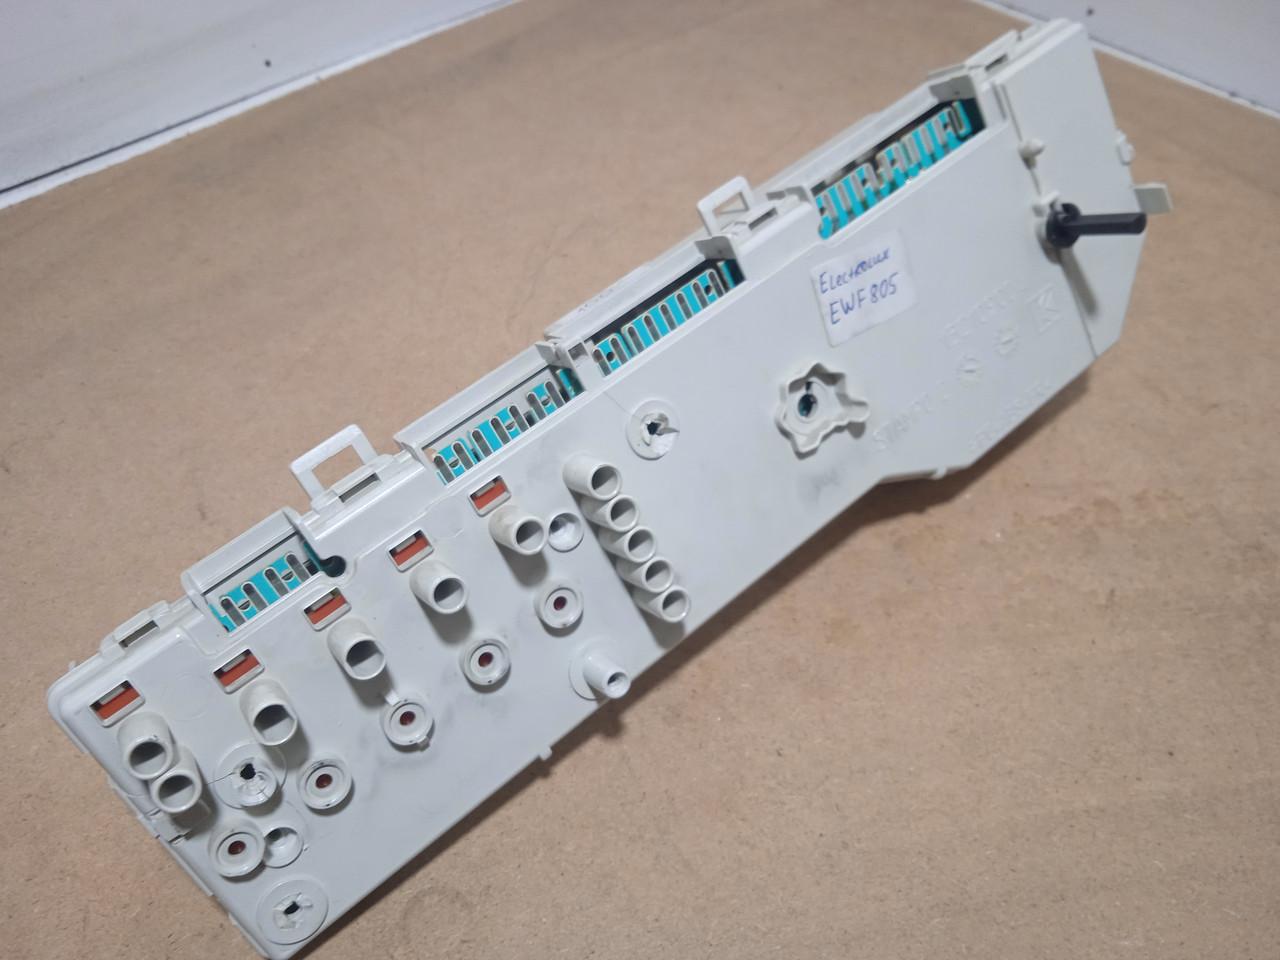 Модуль управления  Electrolux EWF805. 132120214, 451513145 Б/У